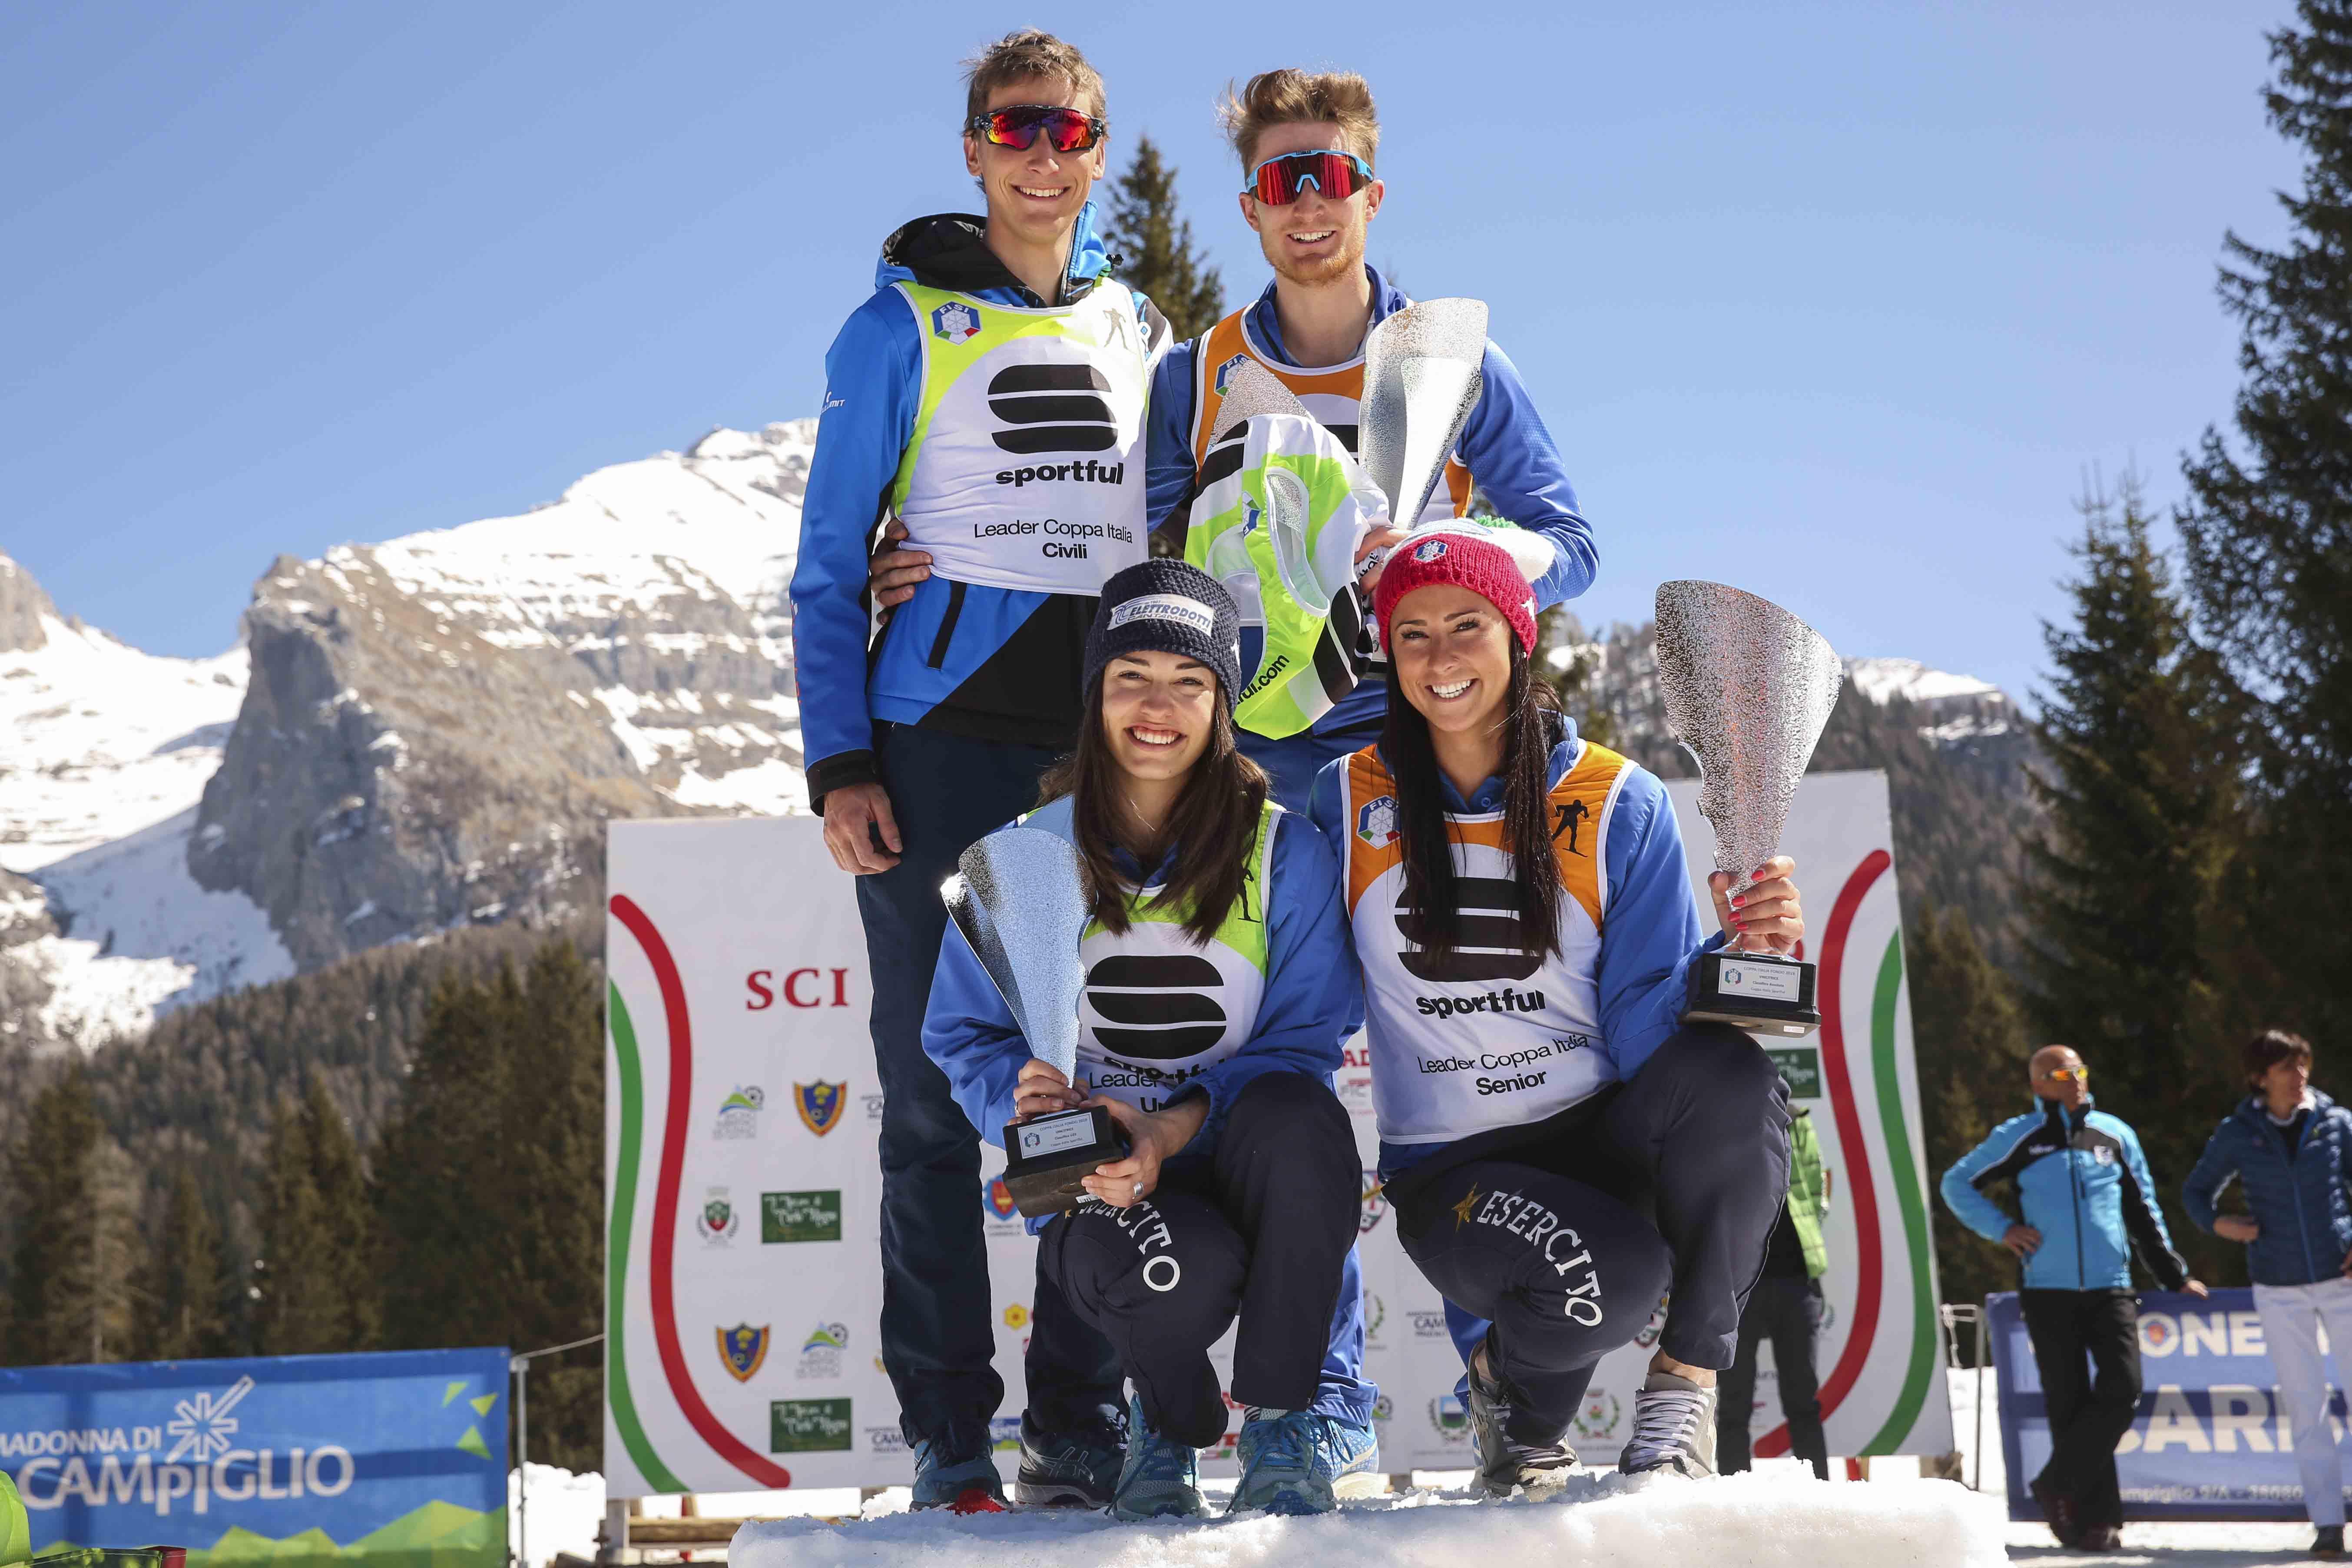 31-03-2019 CLASSIFICA FINALE COPPA ITALIA SPORTFUL